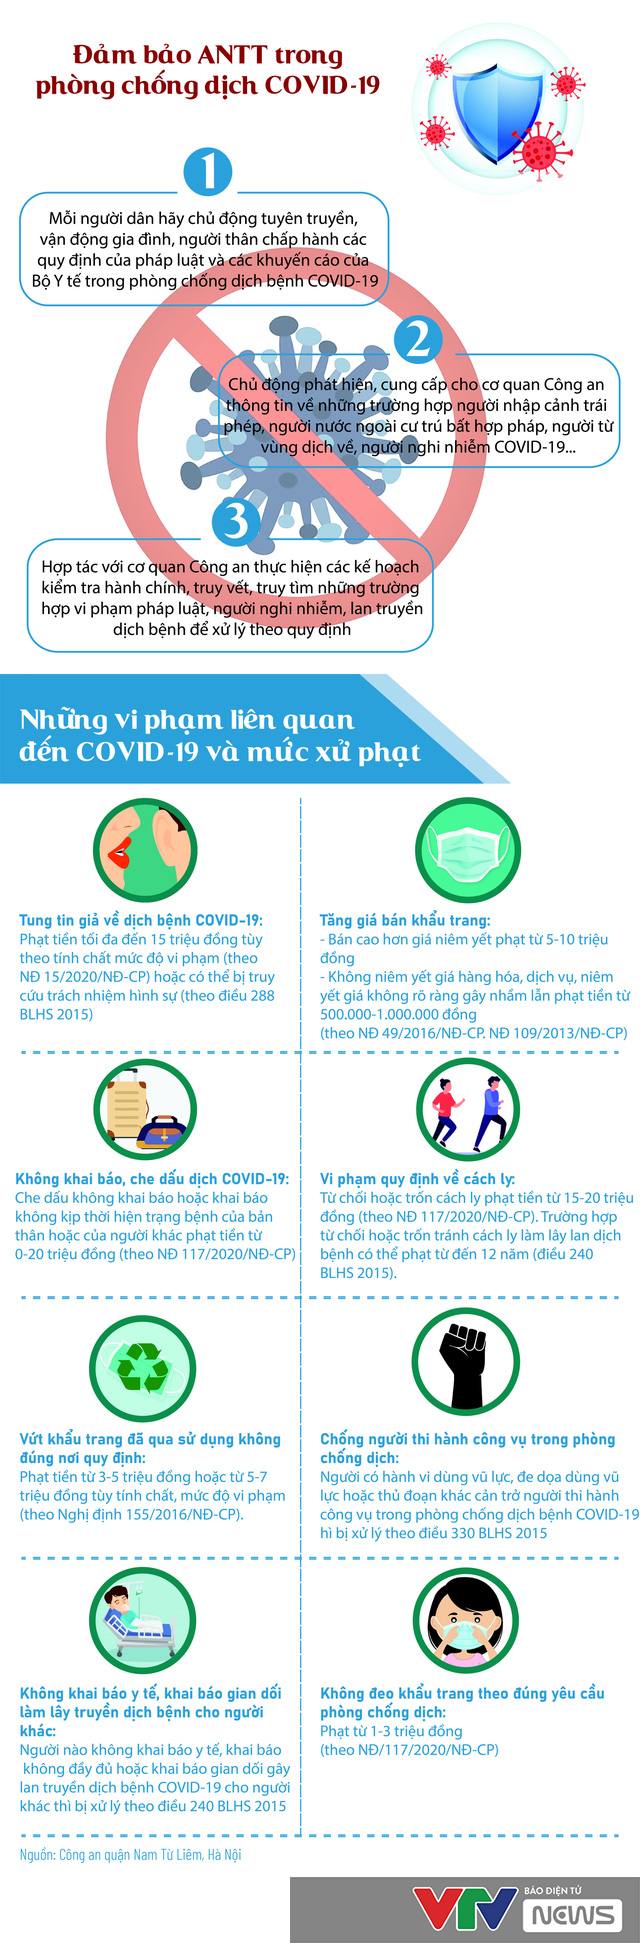 [Infographic] Đảm bảo an ninh trật tự trong phòng chống dịch COVID-19 - Ảnh 1.